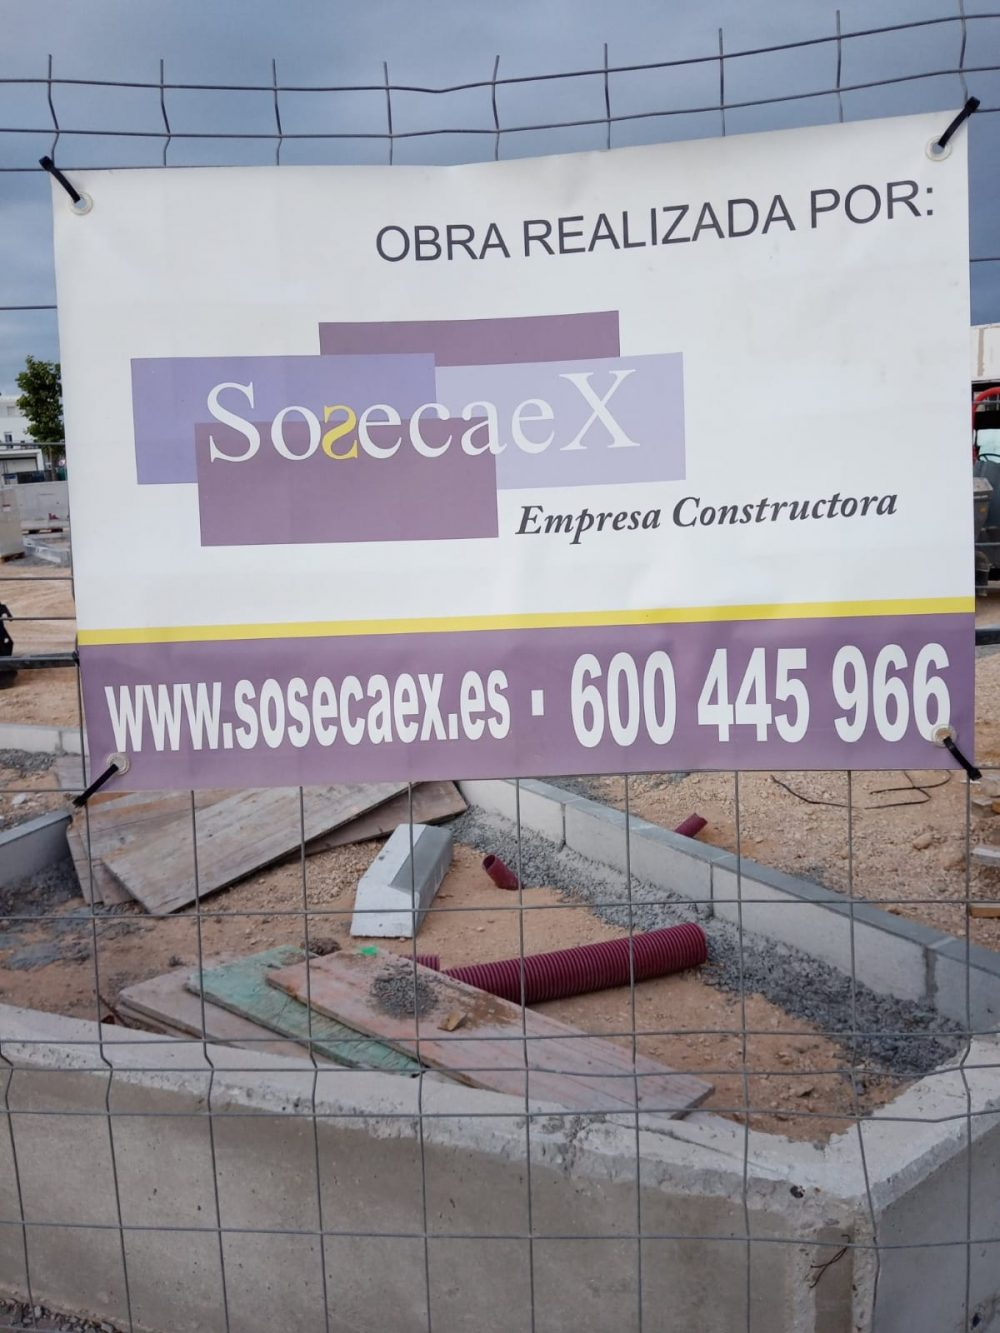 Quizás no es el mejor nombre para una empresa constructora